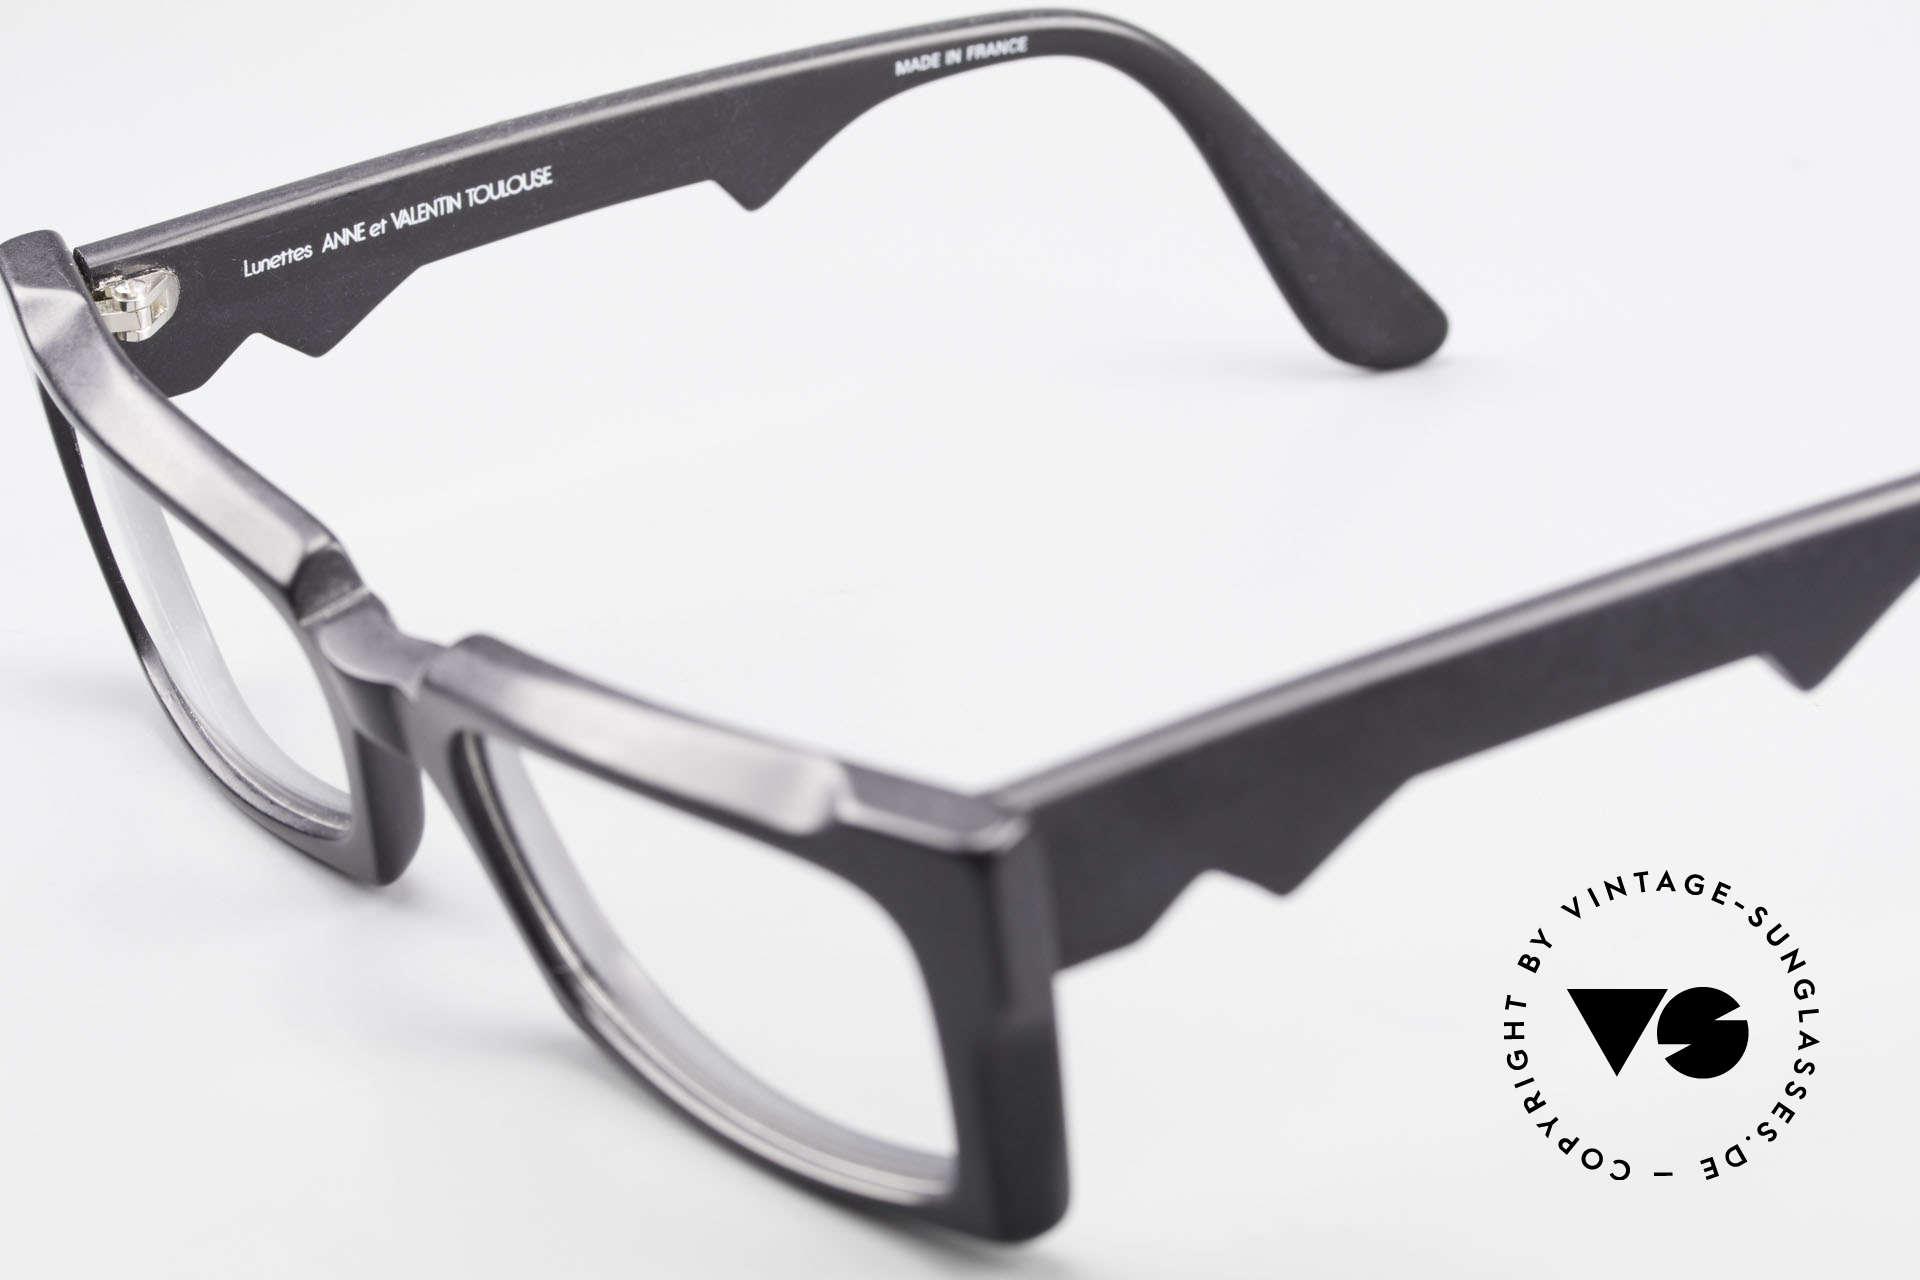 Anne Et Valentin Belphegor Alte 80er Brille Echt Vintage, Größe: small, Passend für Damen